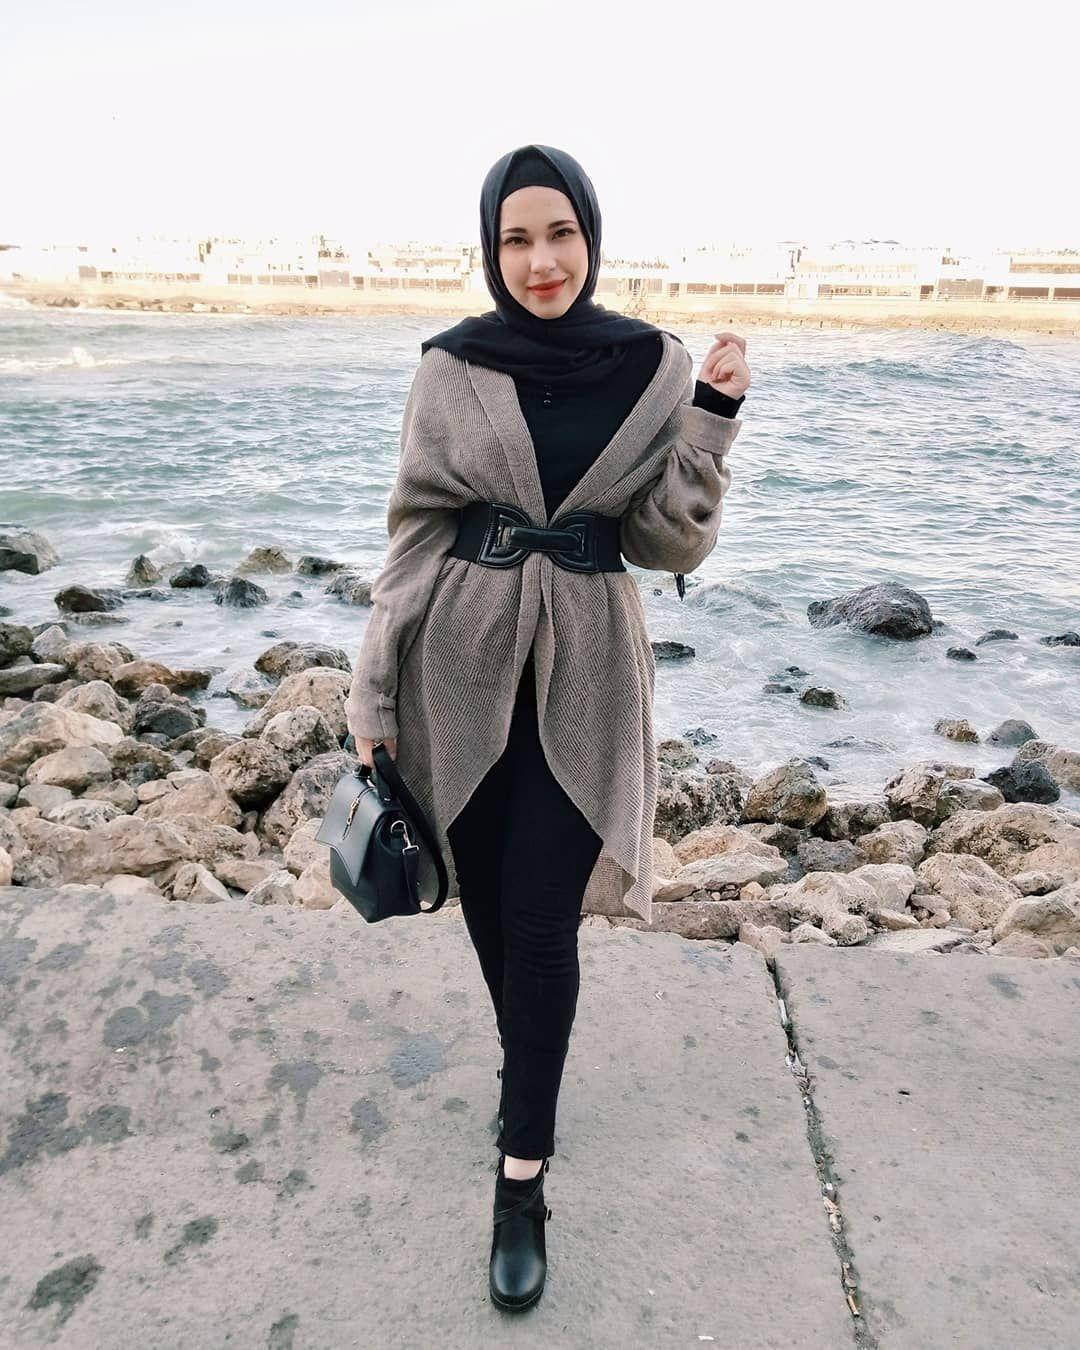 الفاشونيستا ايه اليابانى صور بنات محجبات كيوت صور بنات محجبات Fashion Hijab